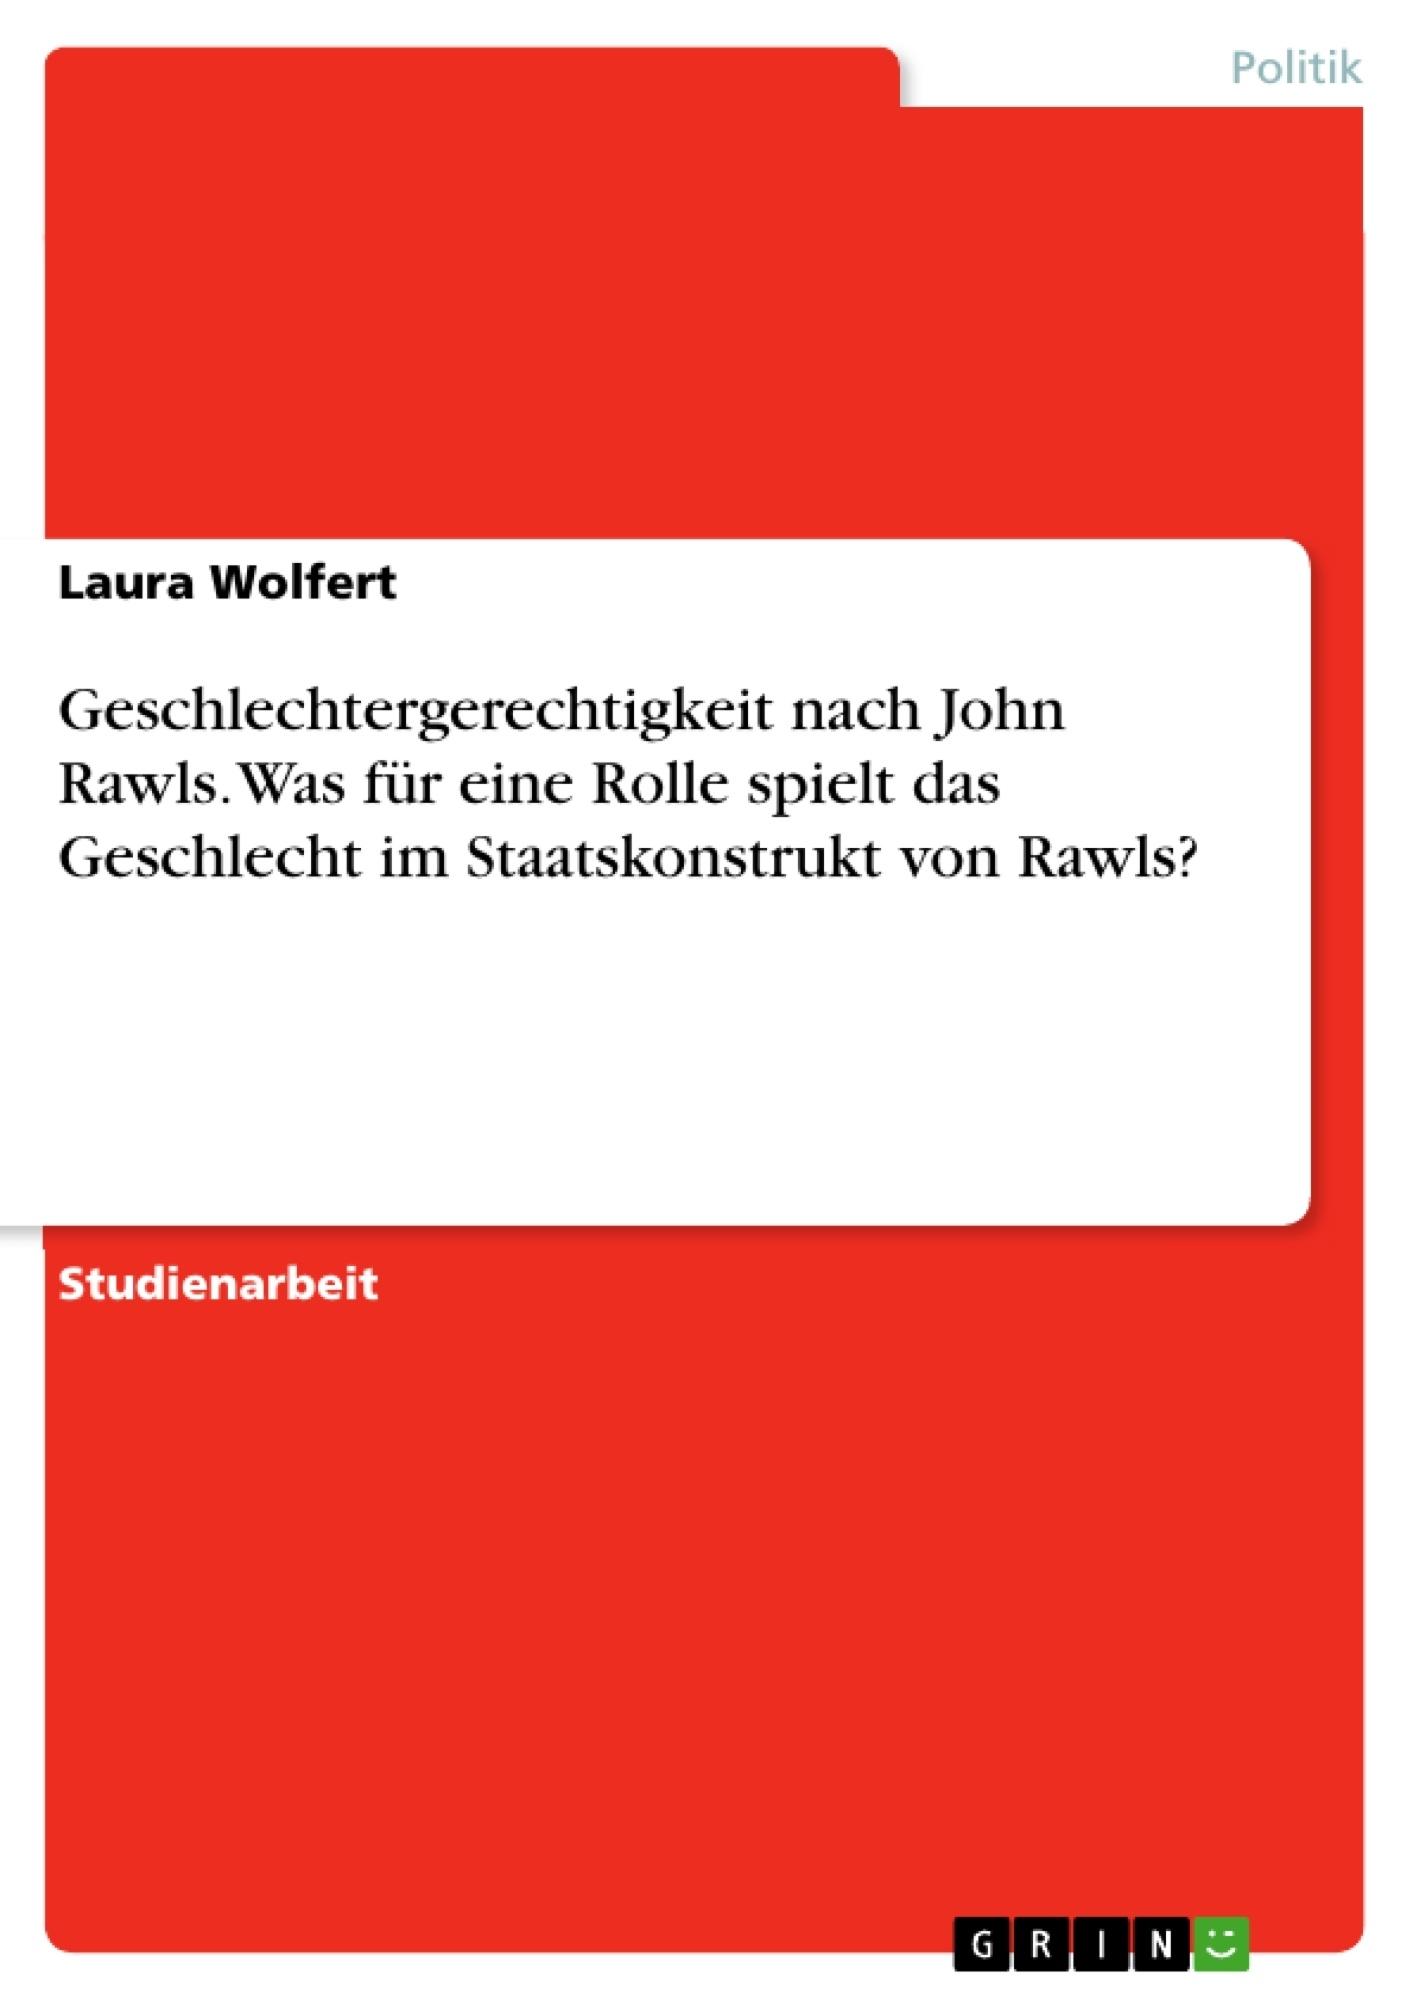 Titel: Geschlechtergerechtigkeit nach John Rawls. Was für eine Rolle spielt das Geschlecht im Staatskonstrukt von Rawls?